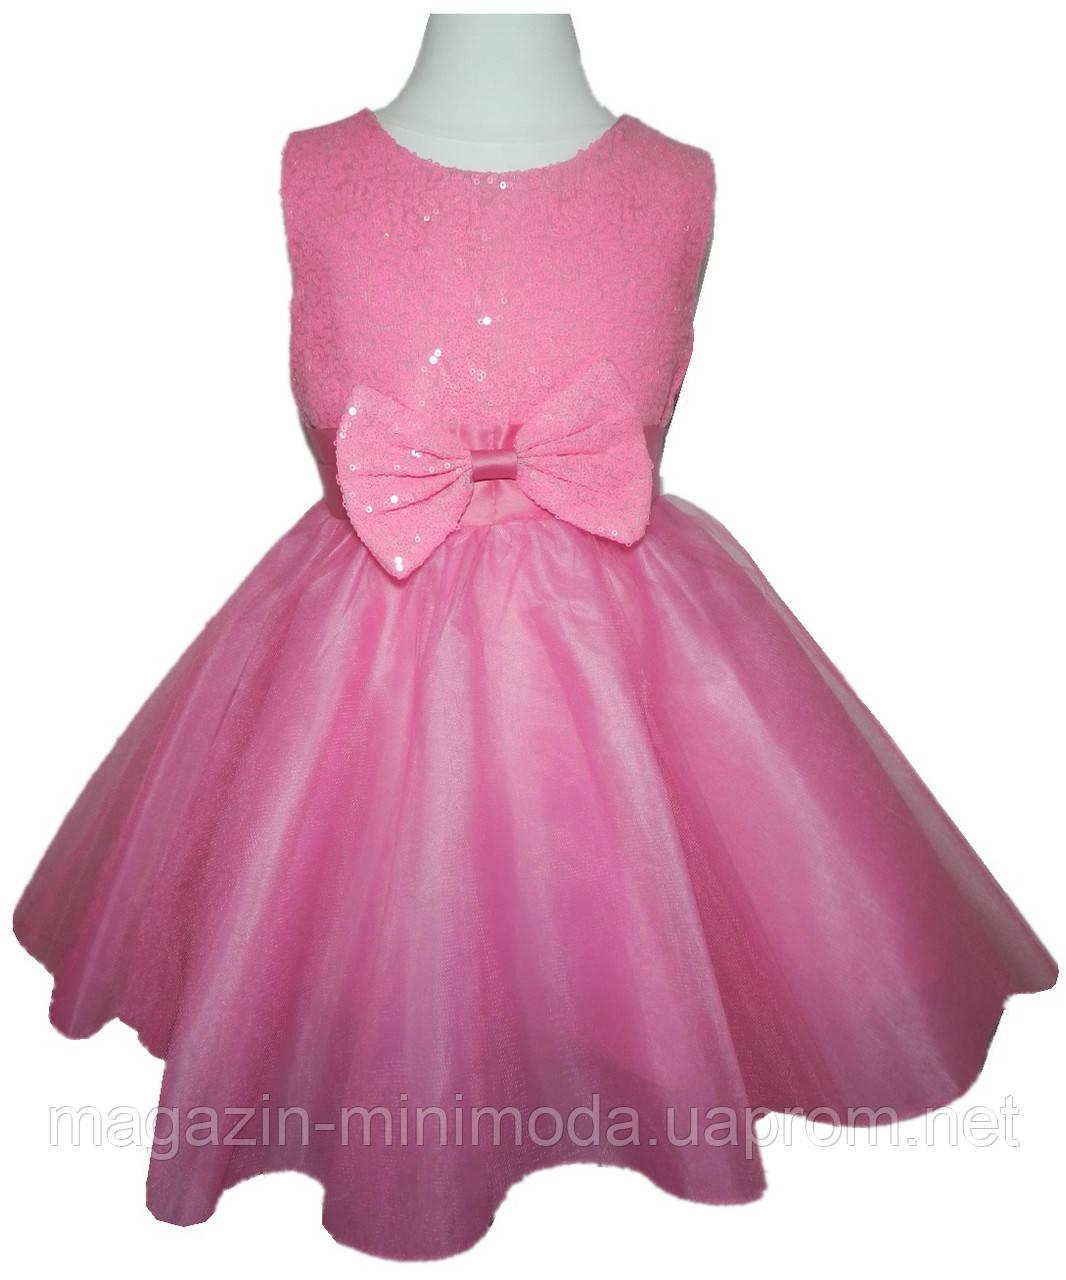 057d2cfeb79f34f Розовое платье для девочки в пайетках